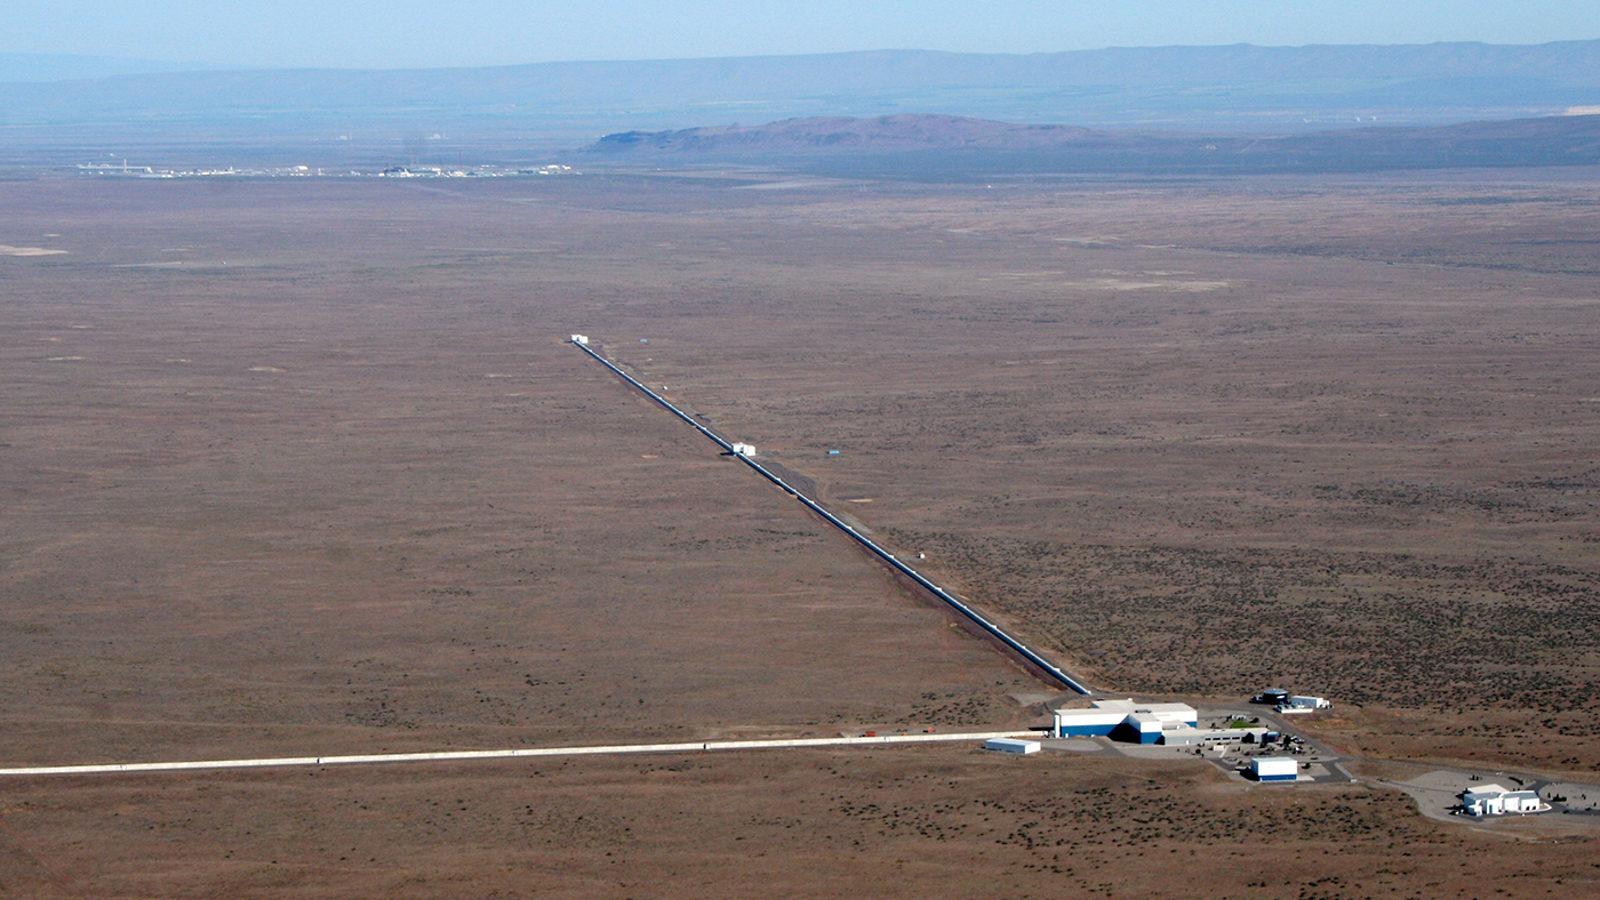 Photo of LIGO aerial